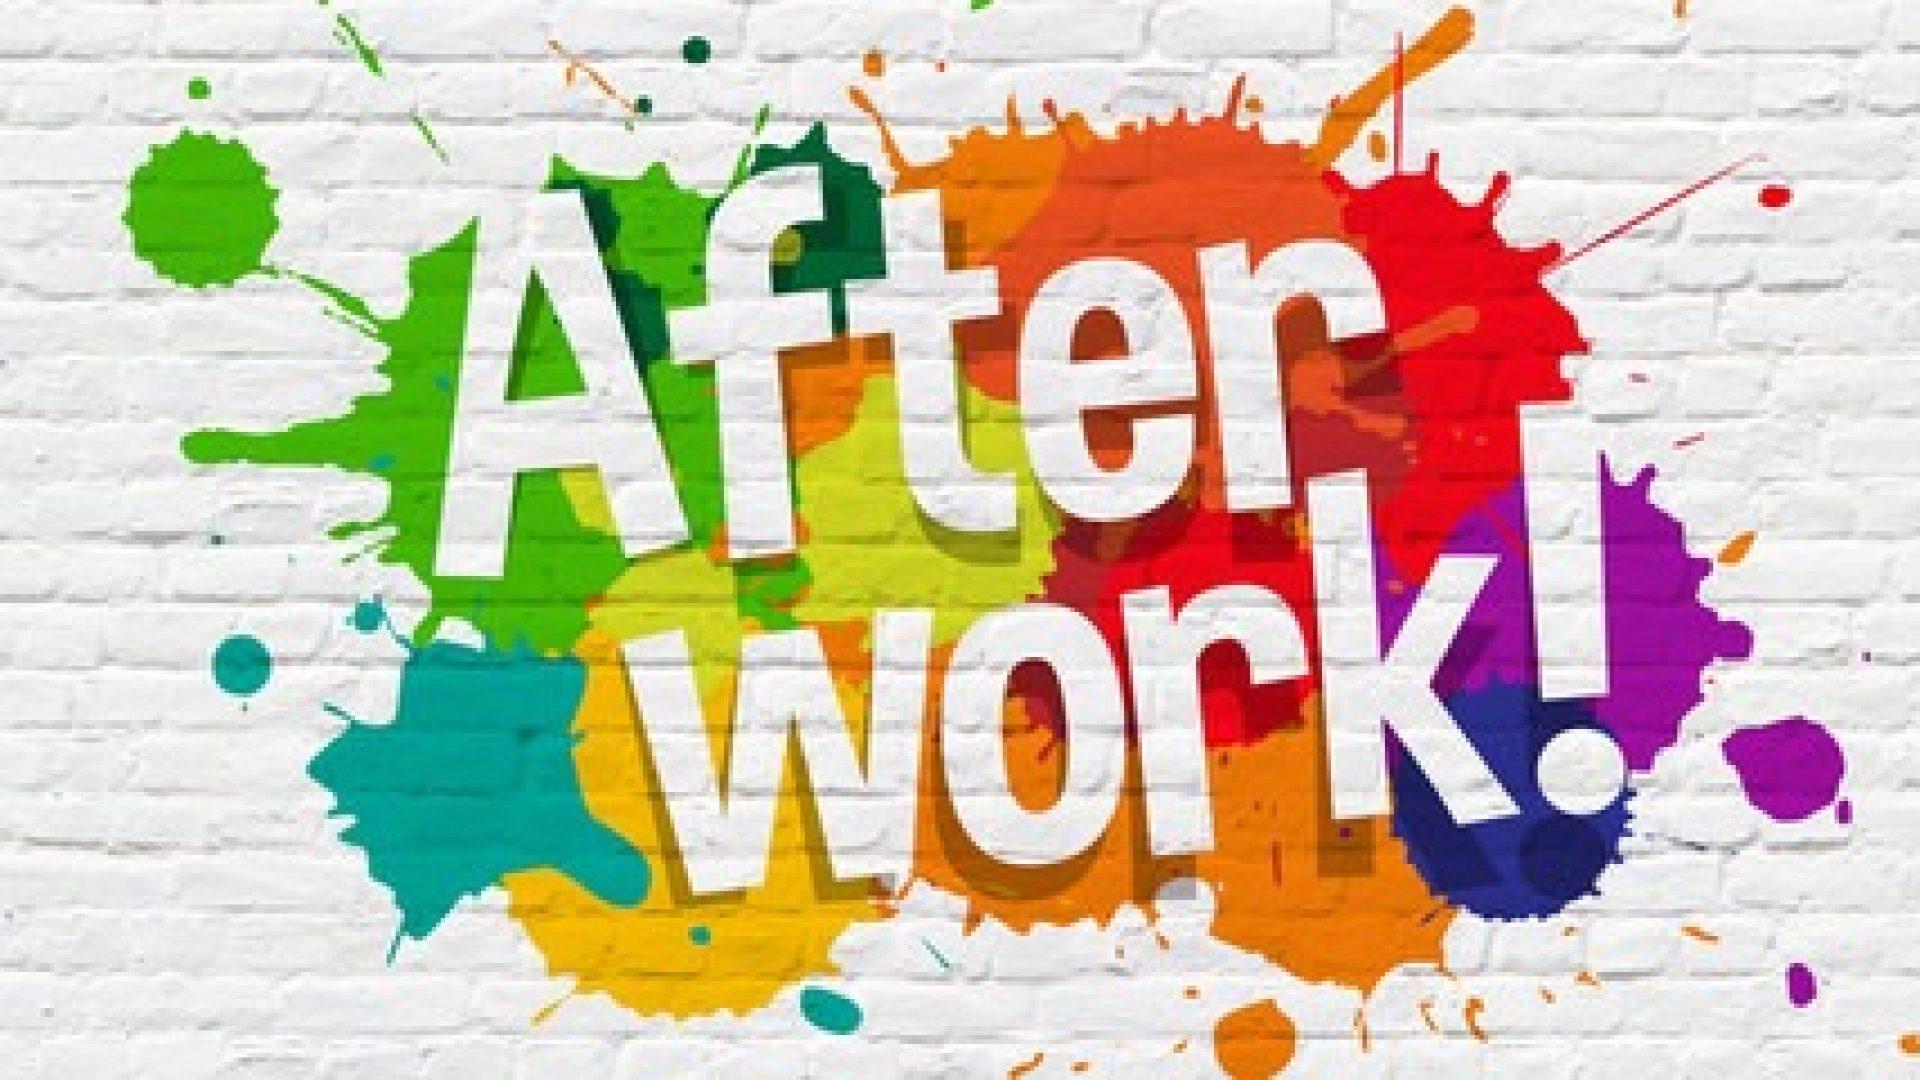 Bilde av fargeflekker og teksten After Work